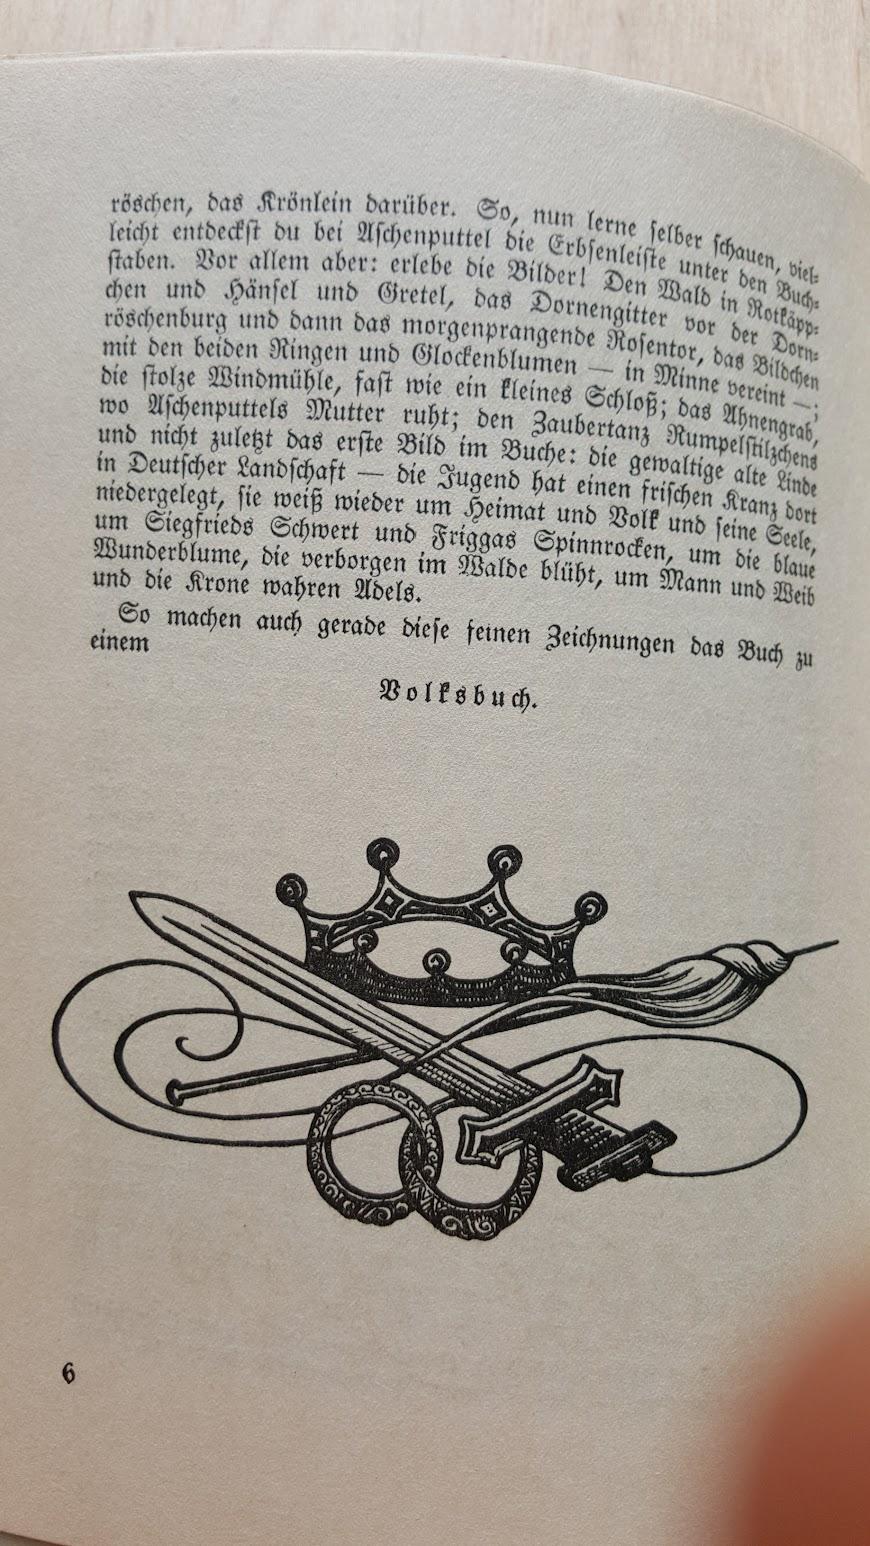 Deutsche Märchen und ihr Deutung, Ein Volksbuch aus der Nazizeit, 1934 - Einleitung